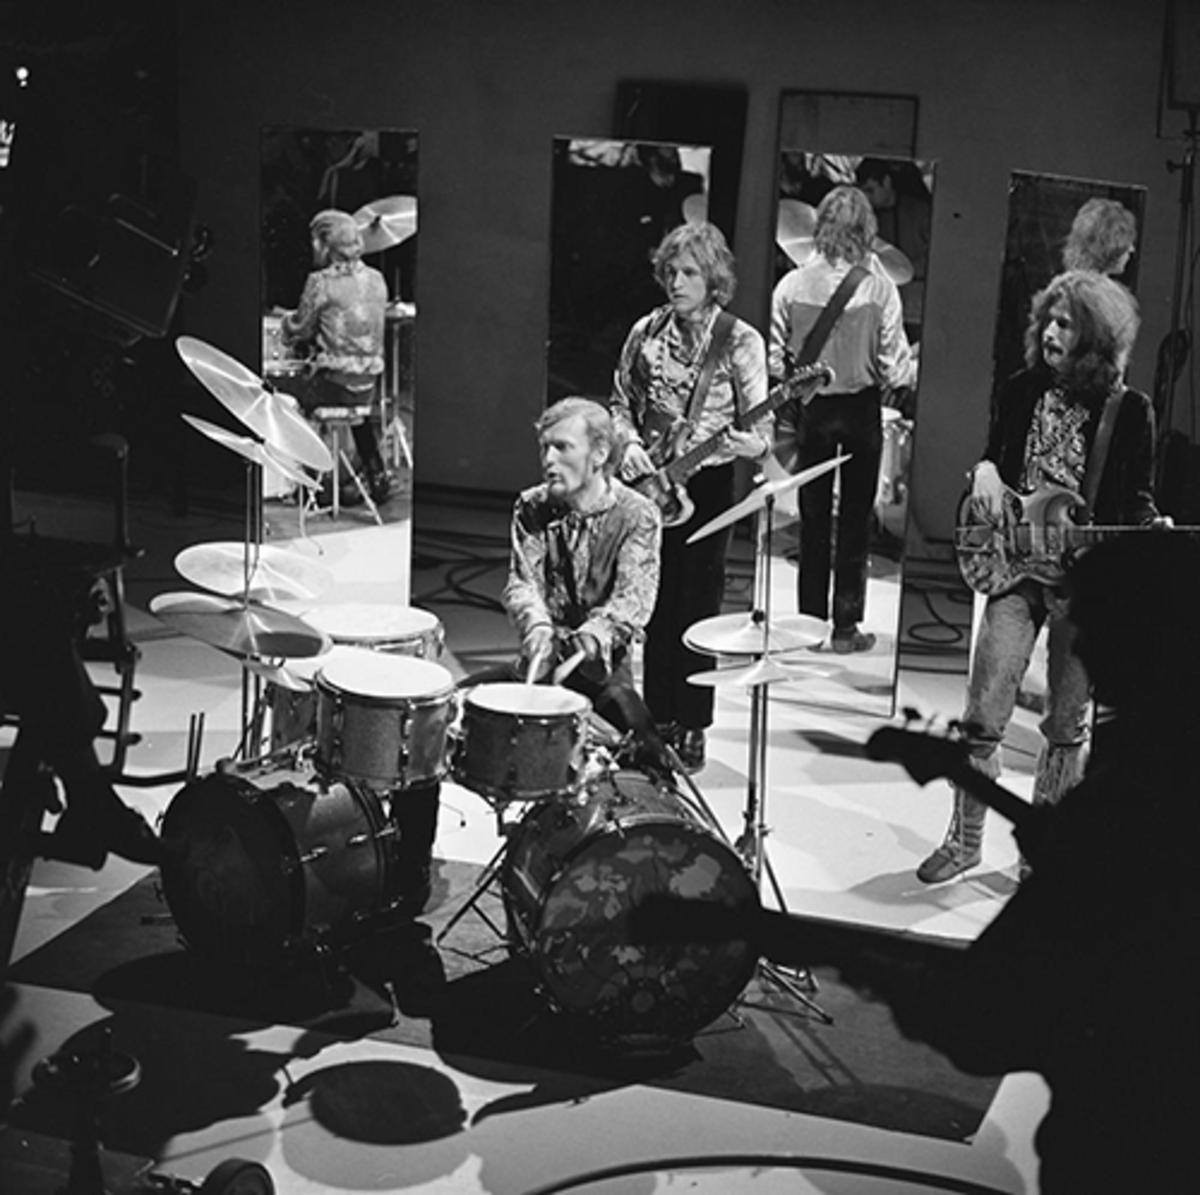 Cream performing in 1968